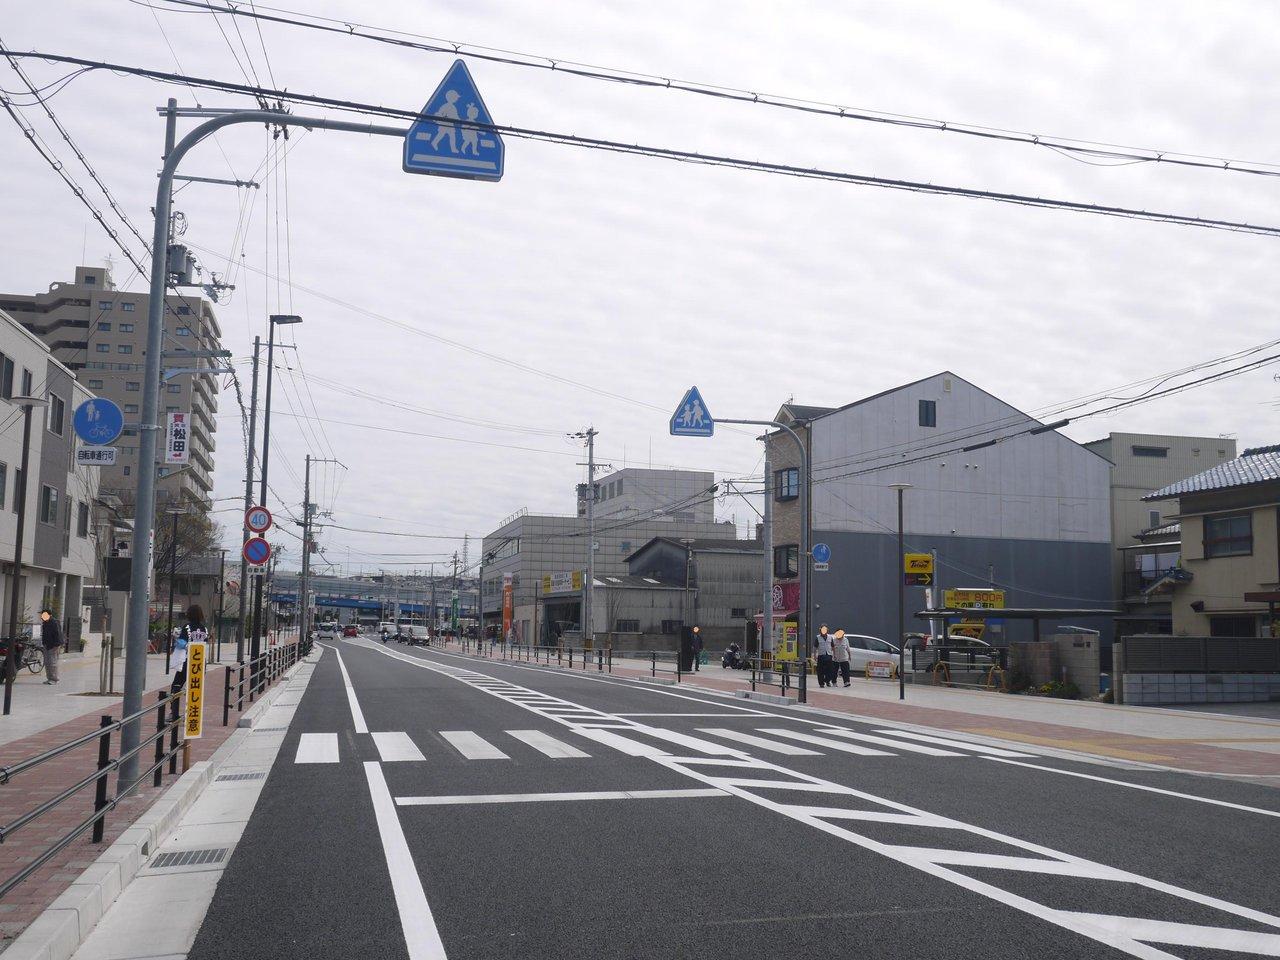 対馬江大利線の都市計画が変更へ、道路幅は20mに。7/23に行われた説明会の詳細をご紹介!